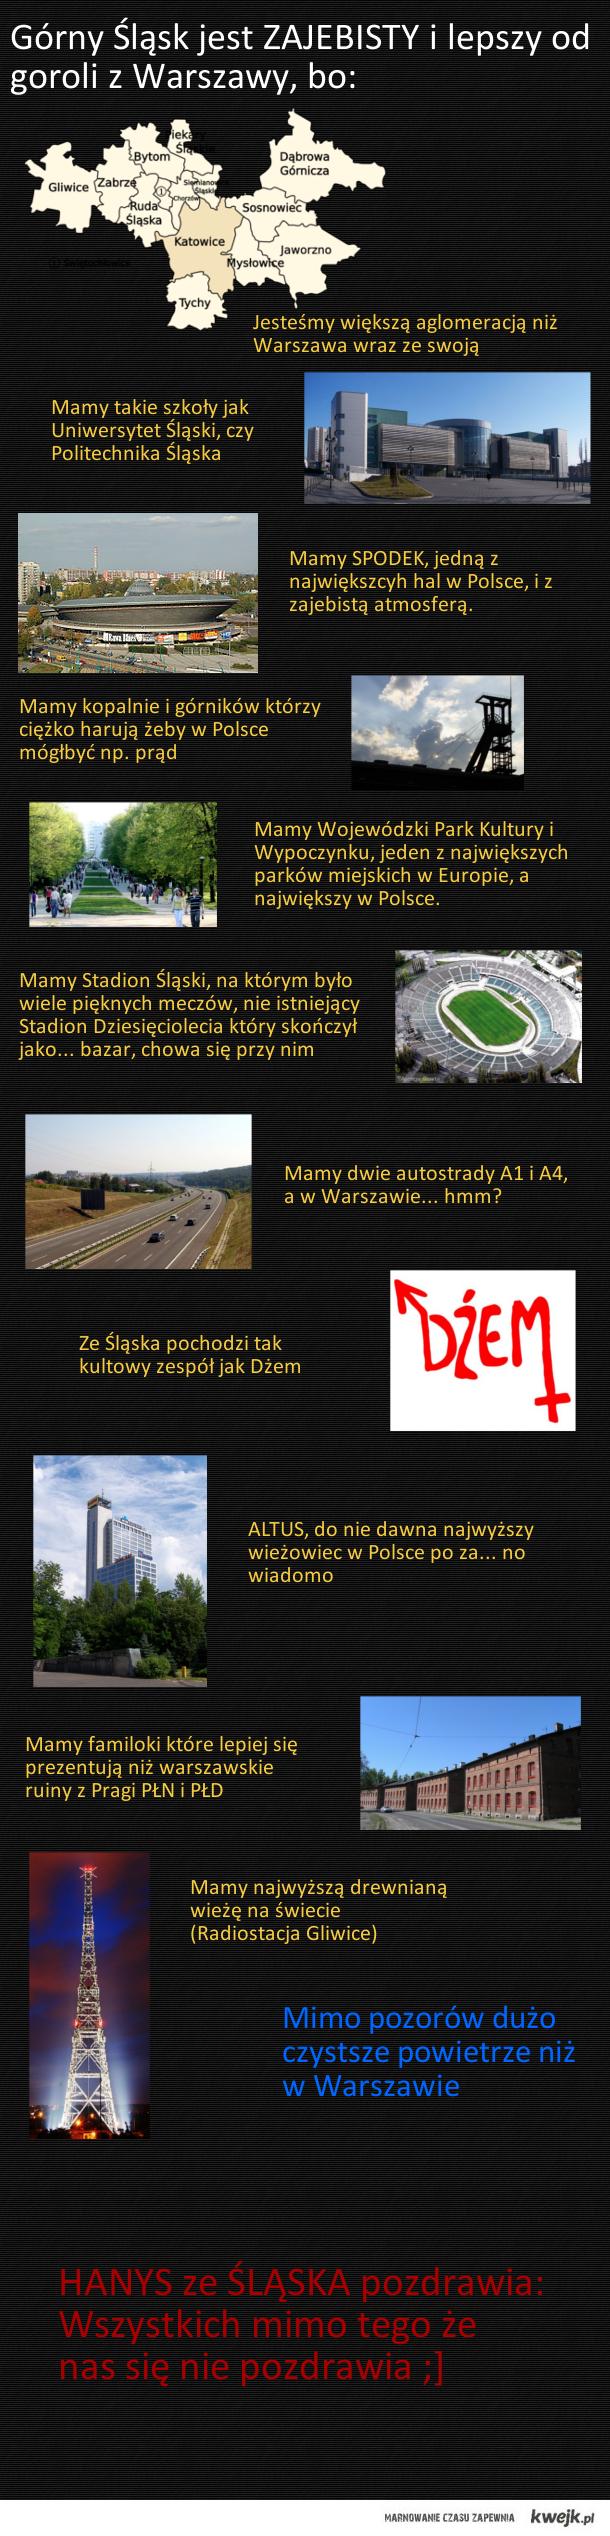 Górny Śląsk jest lepszy od Warszawy i ogólnie jest super :)